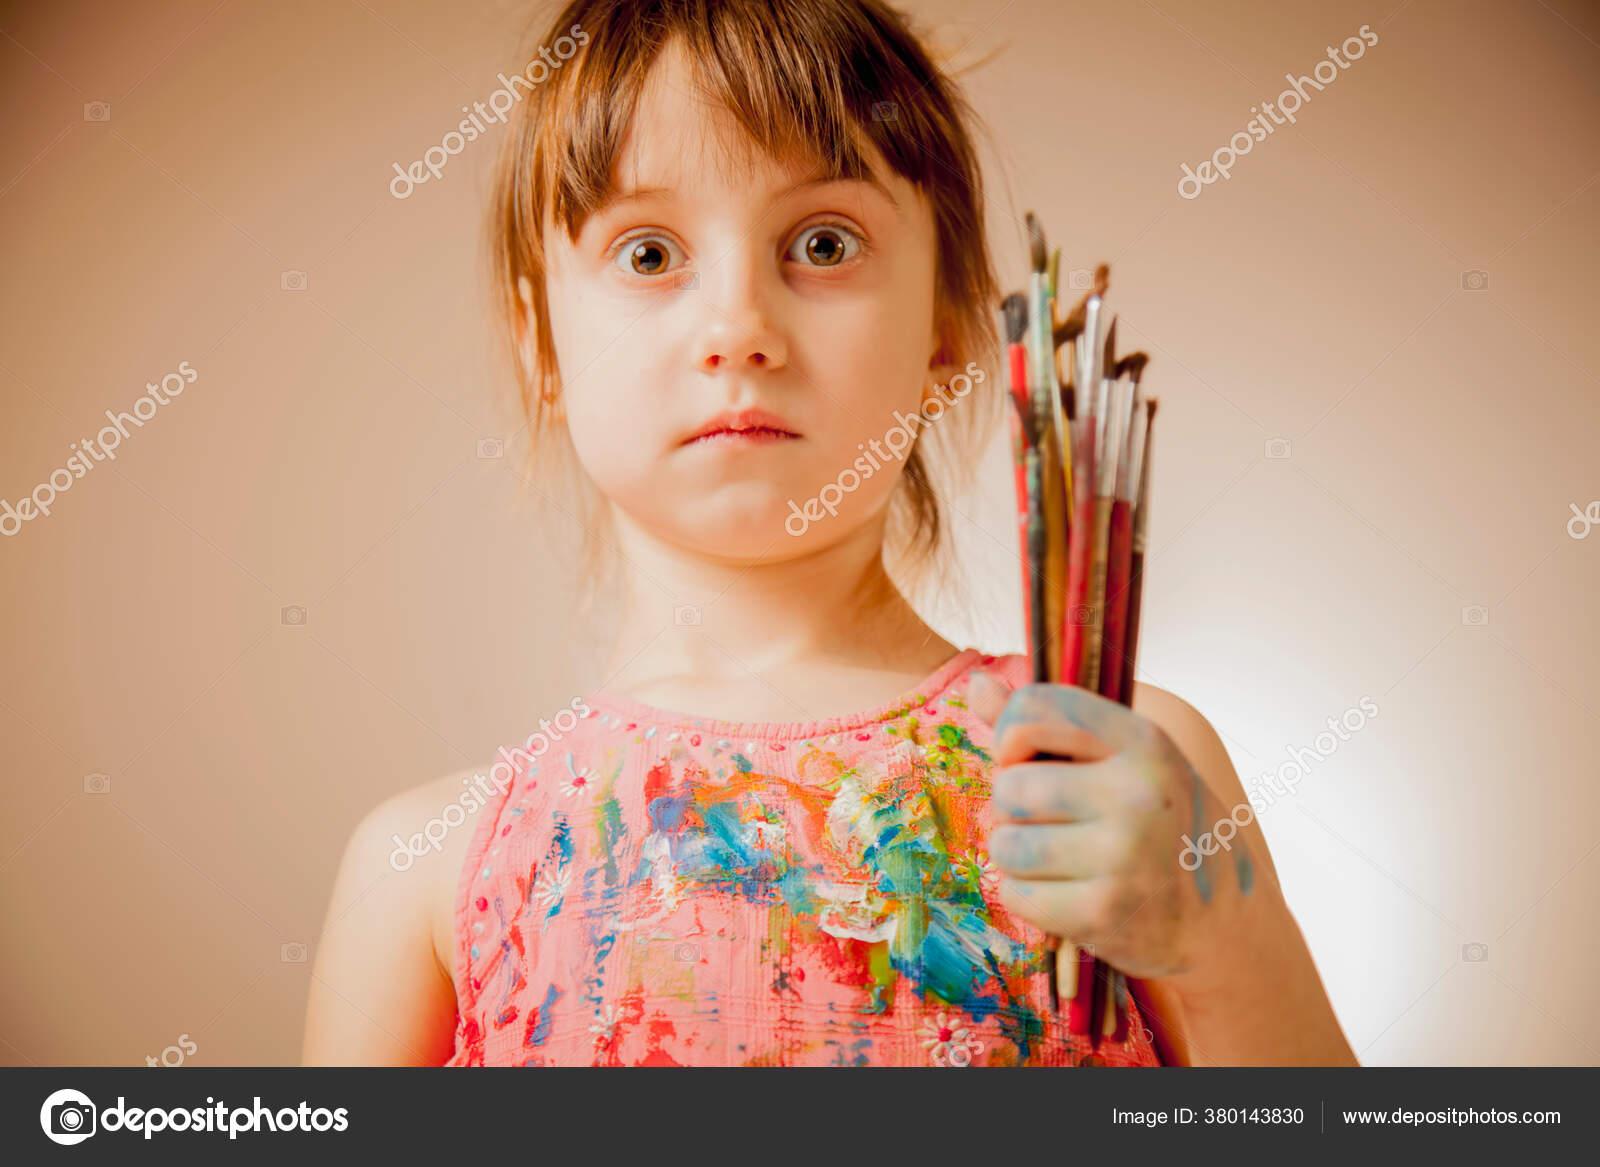 Concept Creativite Education Drole Expression Faciale Mignonne Petite Fille Enfant Photographie Zwiebackesser C 380143830